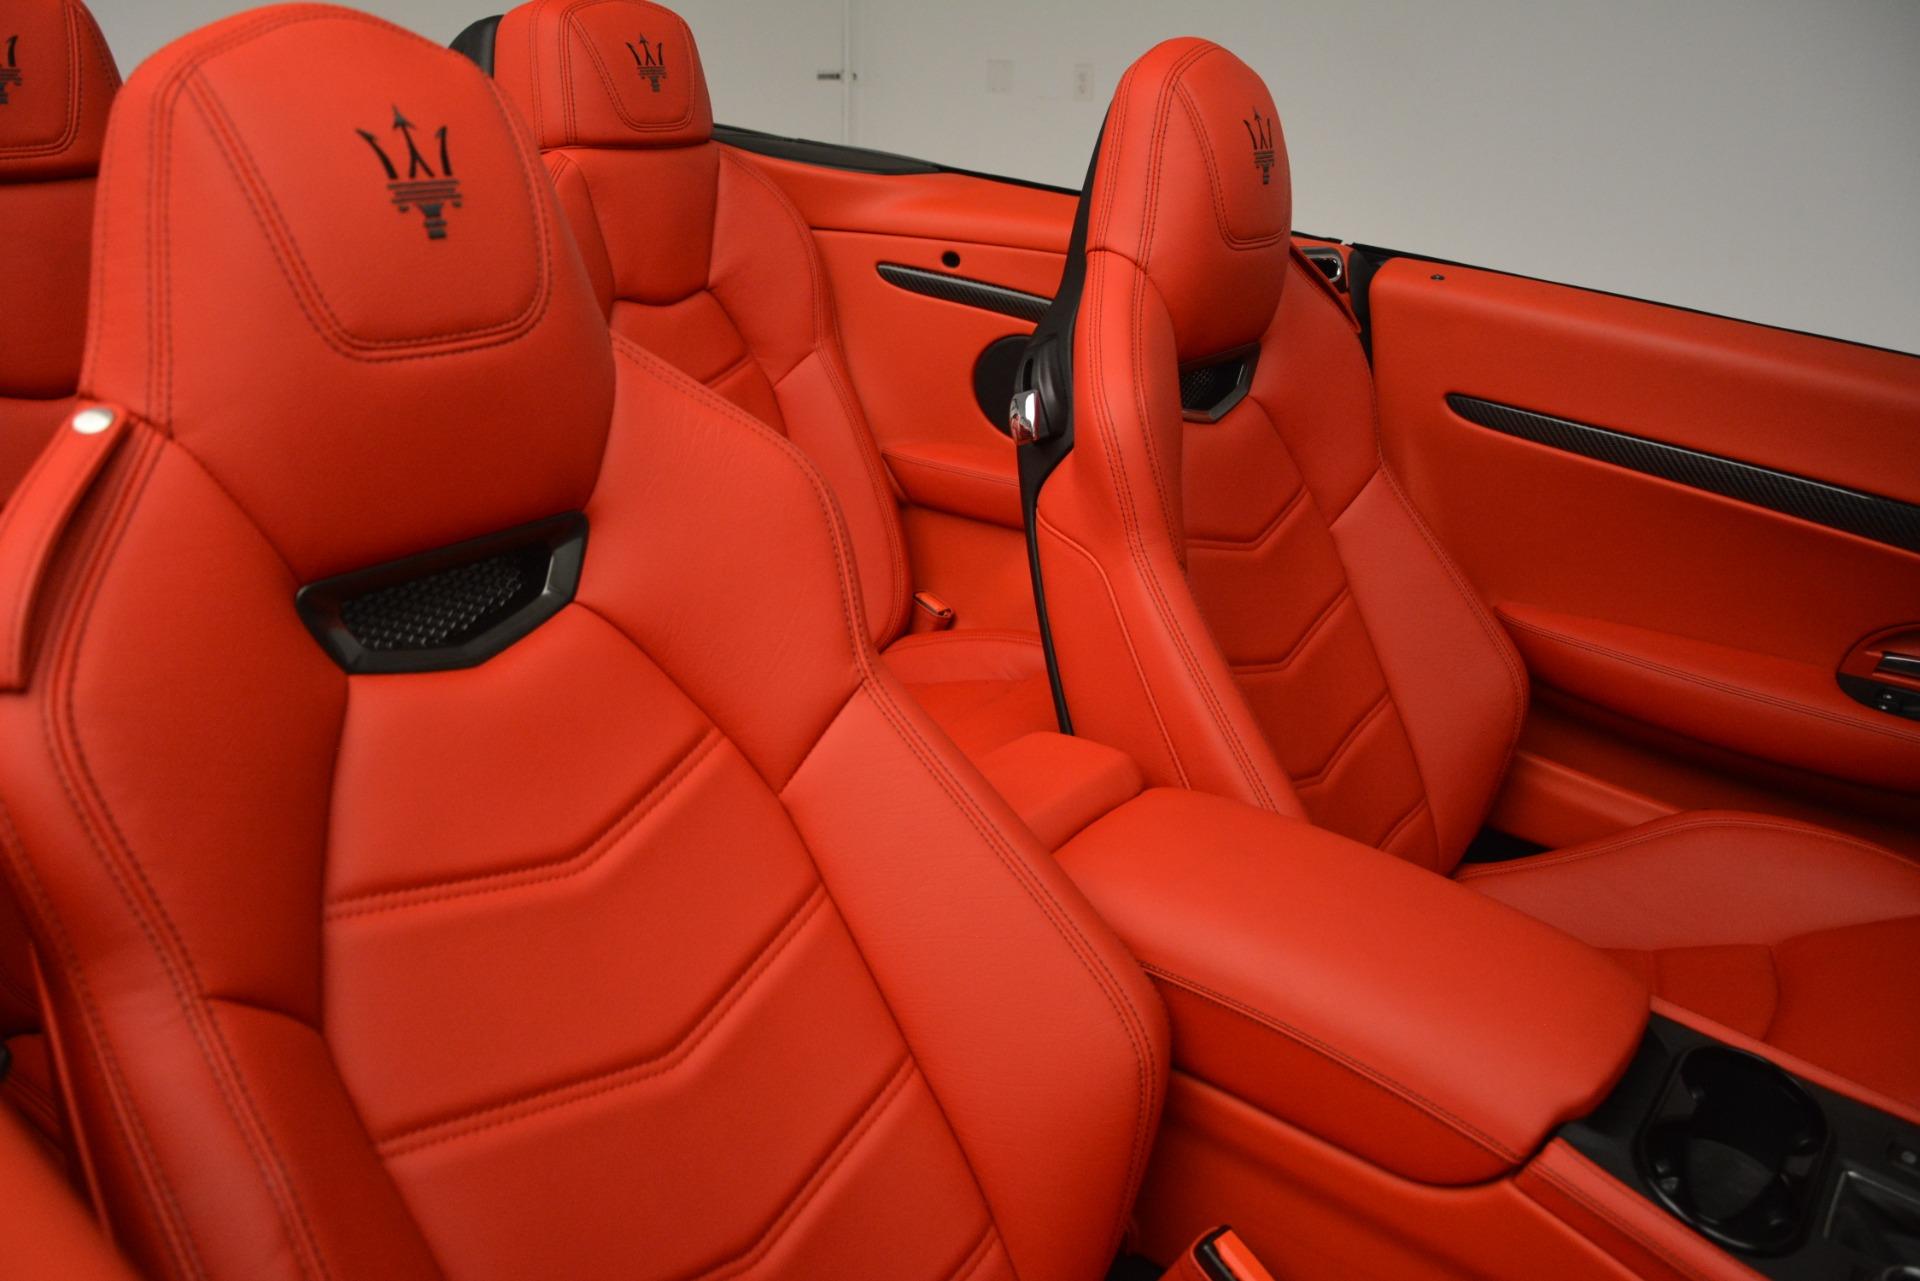 Used 2018 Maserati GranTurismo Sport For Sale In Greenwich, CT. Alfa Romeo of Greenwich, 7626 2637_p30